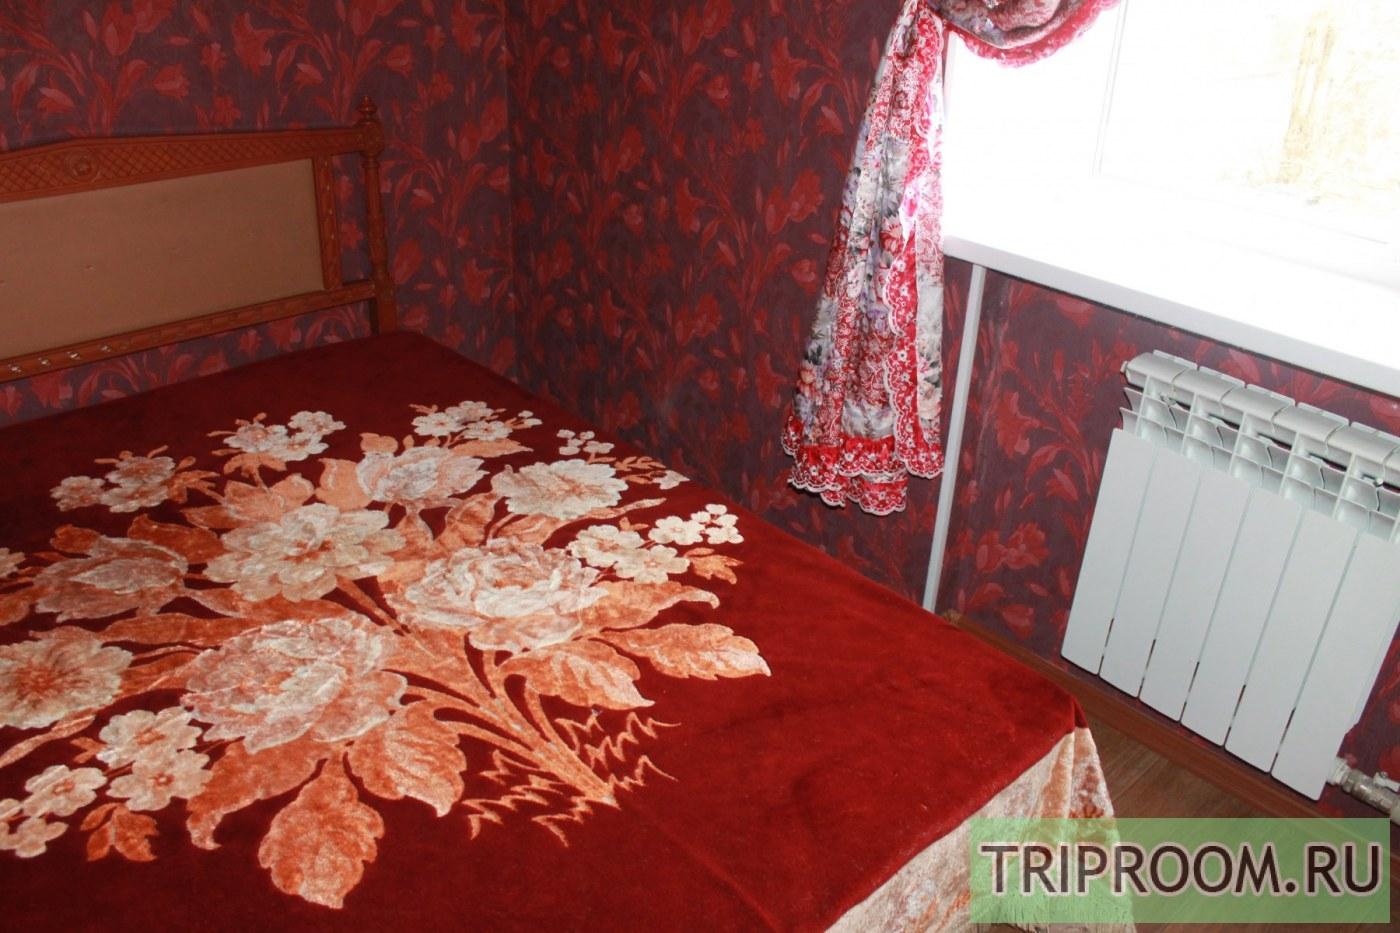 2-комнатная квартира посуточно (вариант № 40137), ул. Новоузенская улица, фото № 5